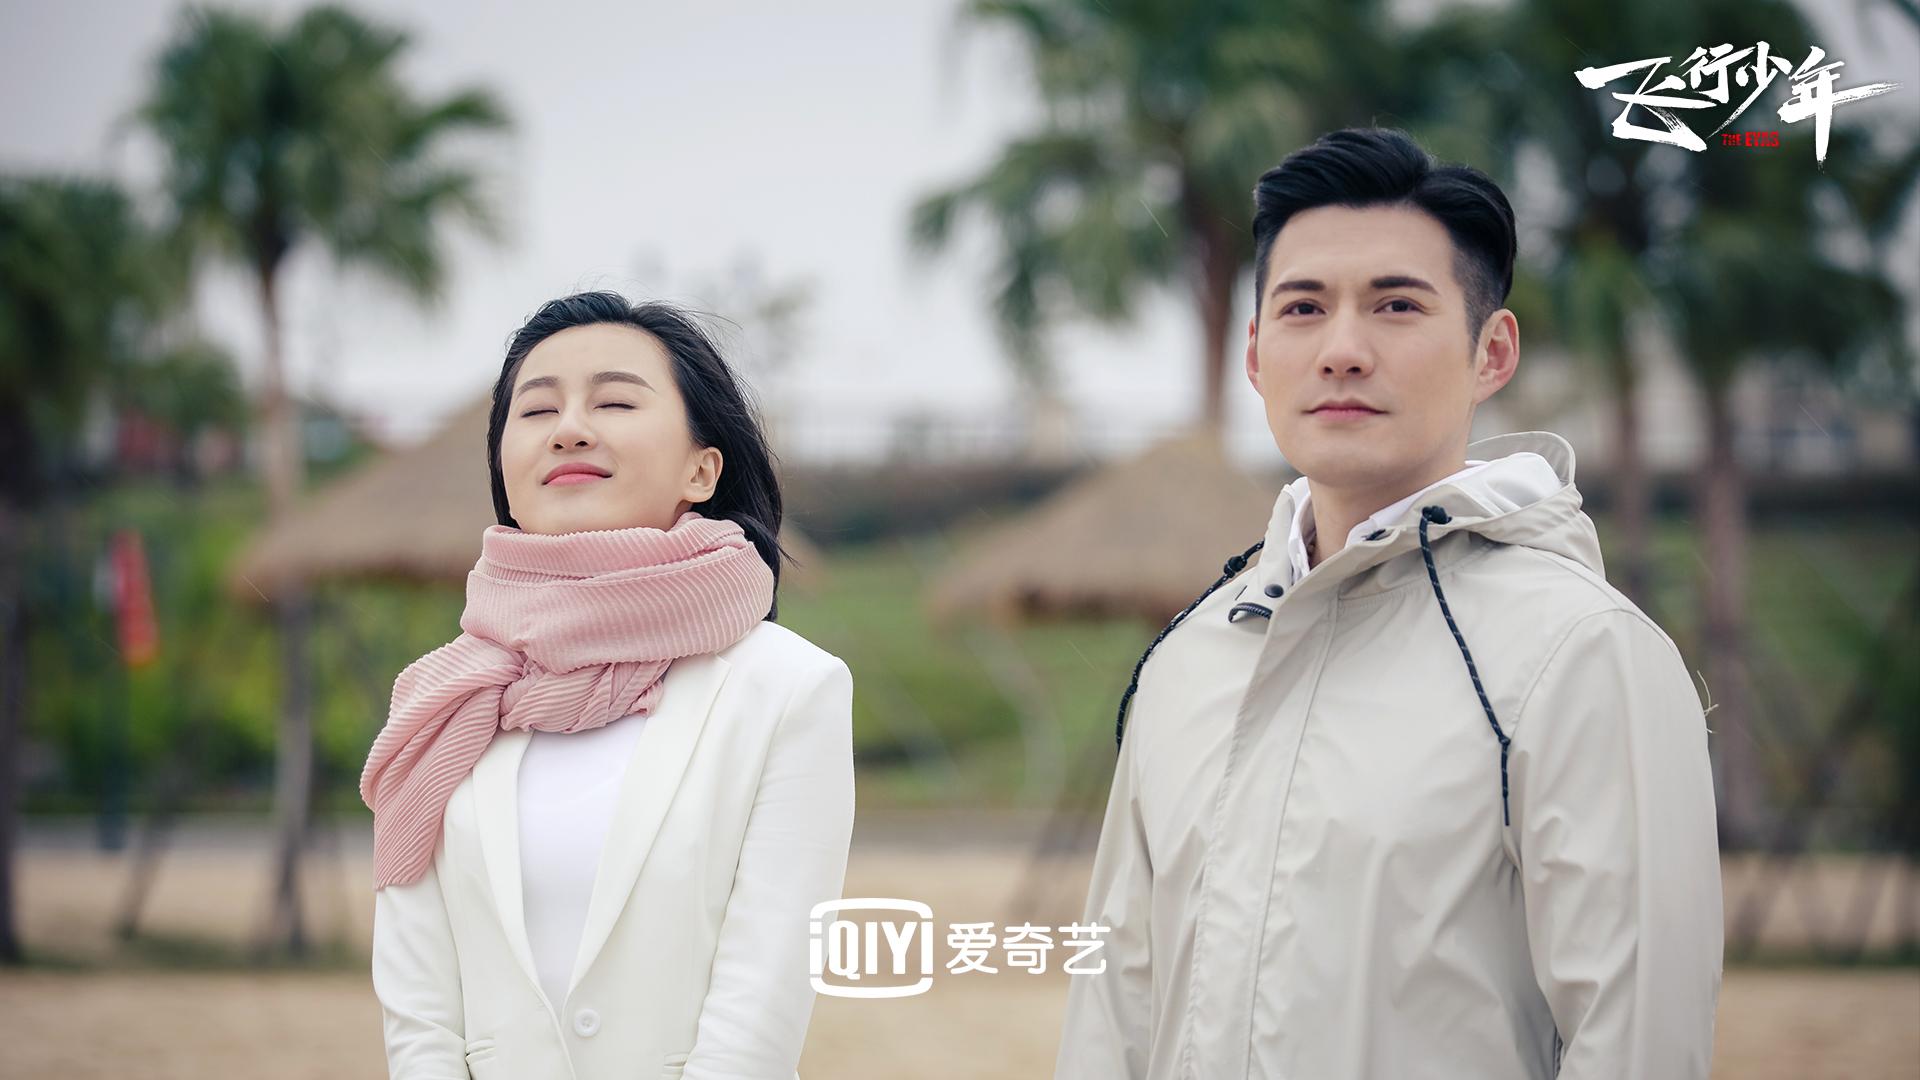 《飞行少年》曝光情感预告 上演空军式浪漫告白